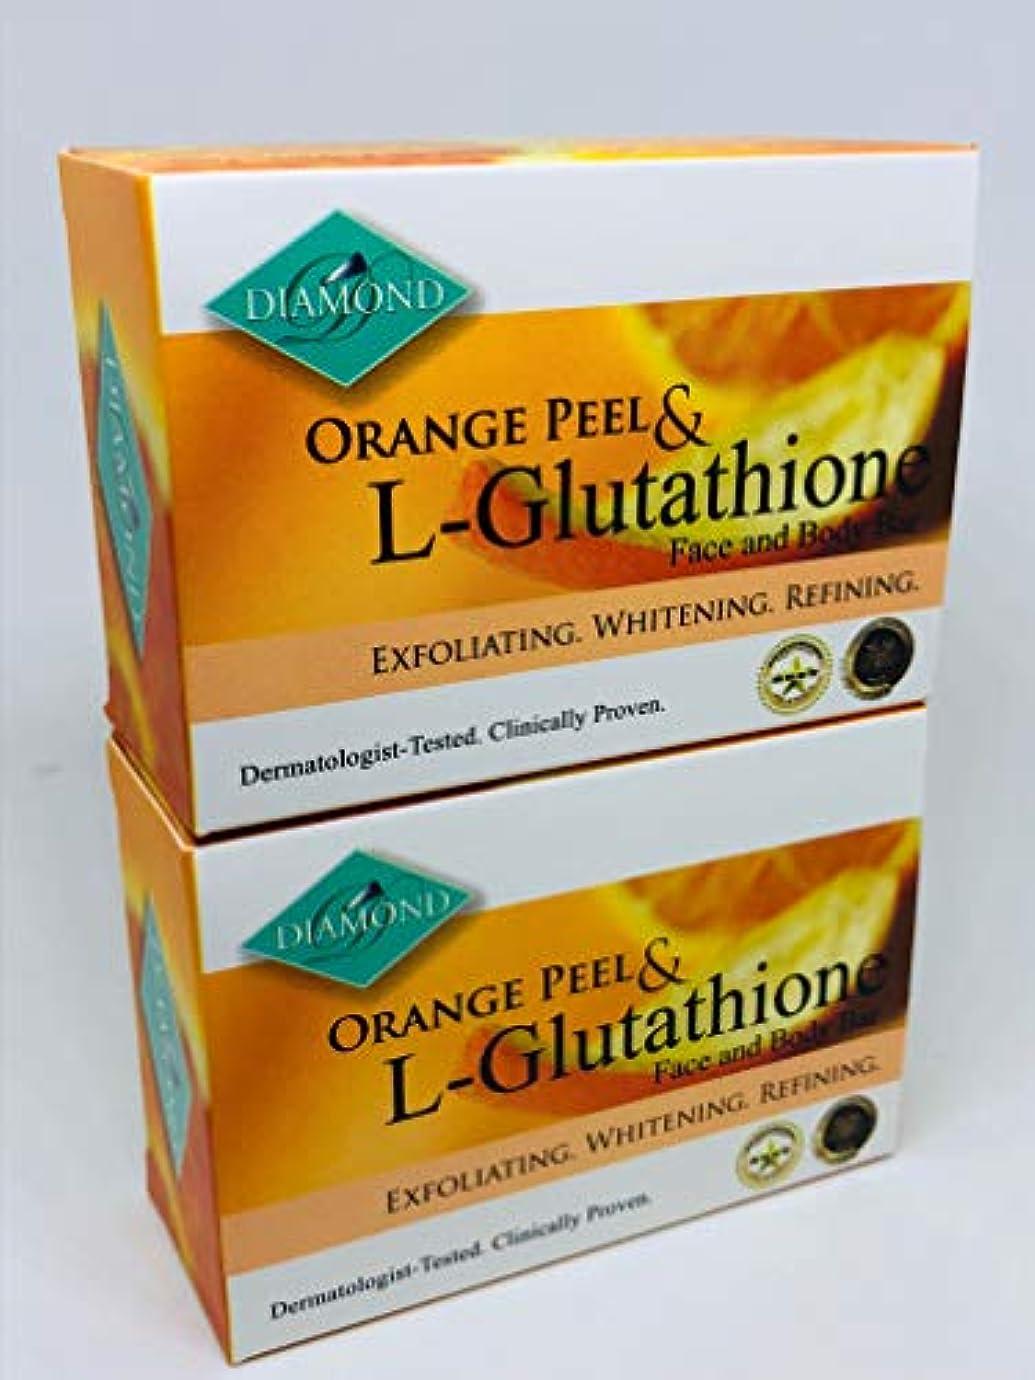 パブ地区弱まるDIAMOND ORANGE PEEL&Glutathione soap/オレンジピール&グルタチオン配合ソープ(美容石けん) 150g×2個 正規輸入品